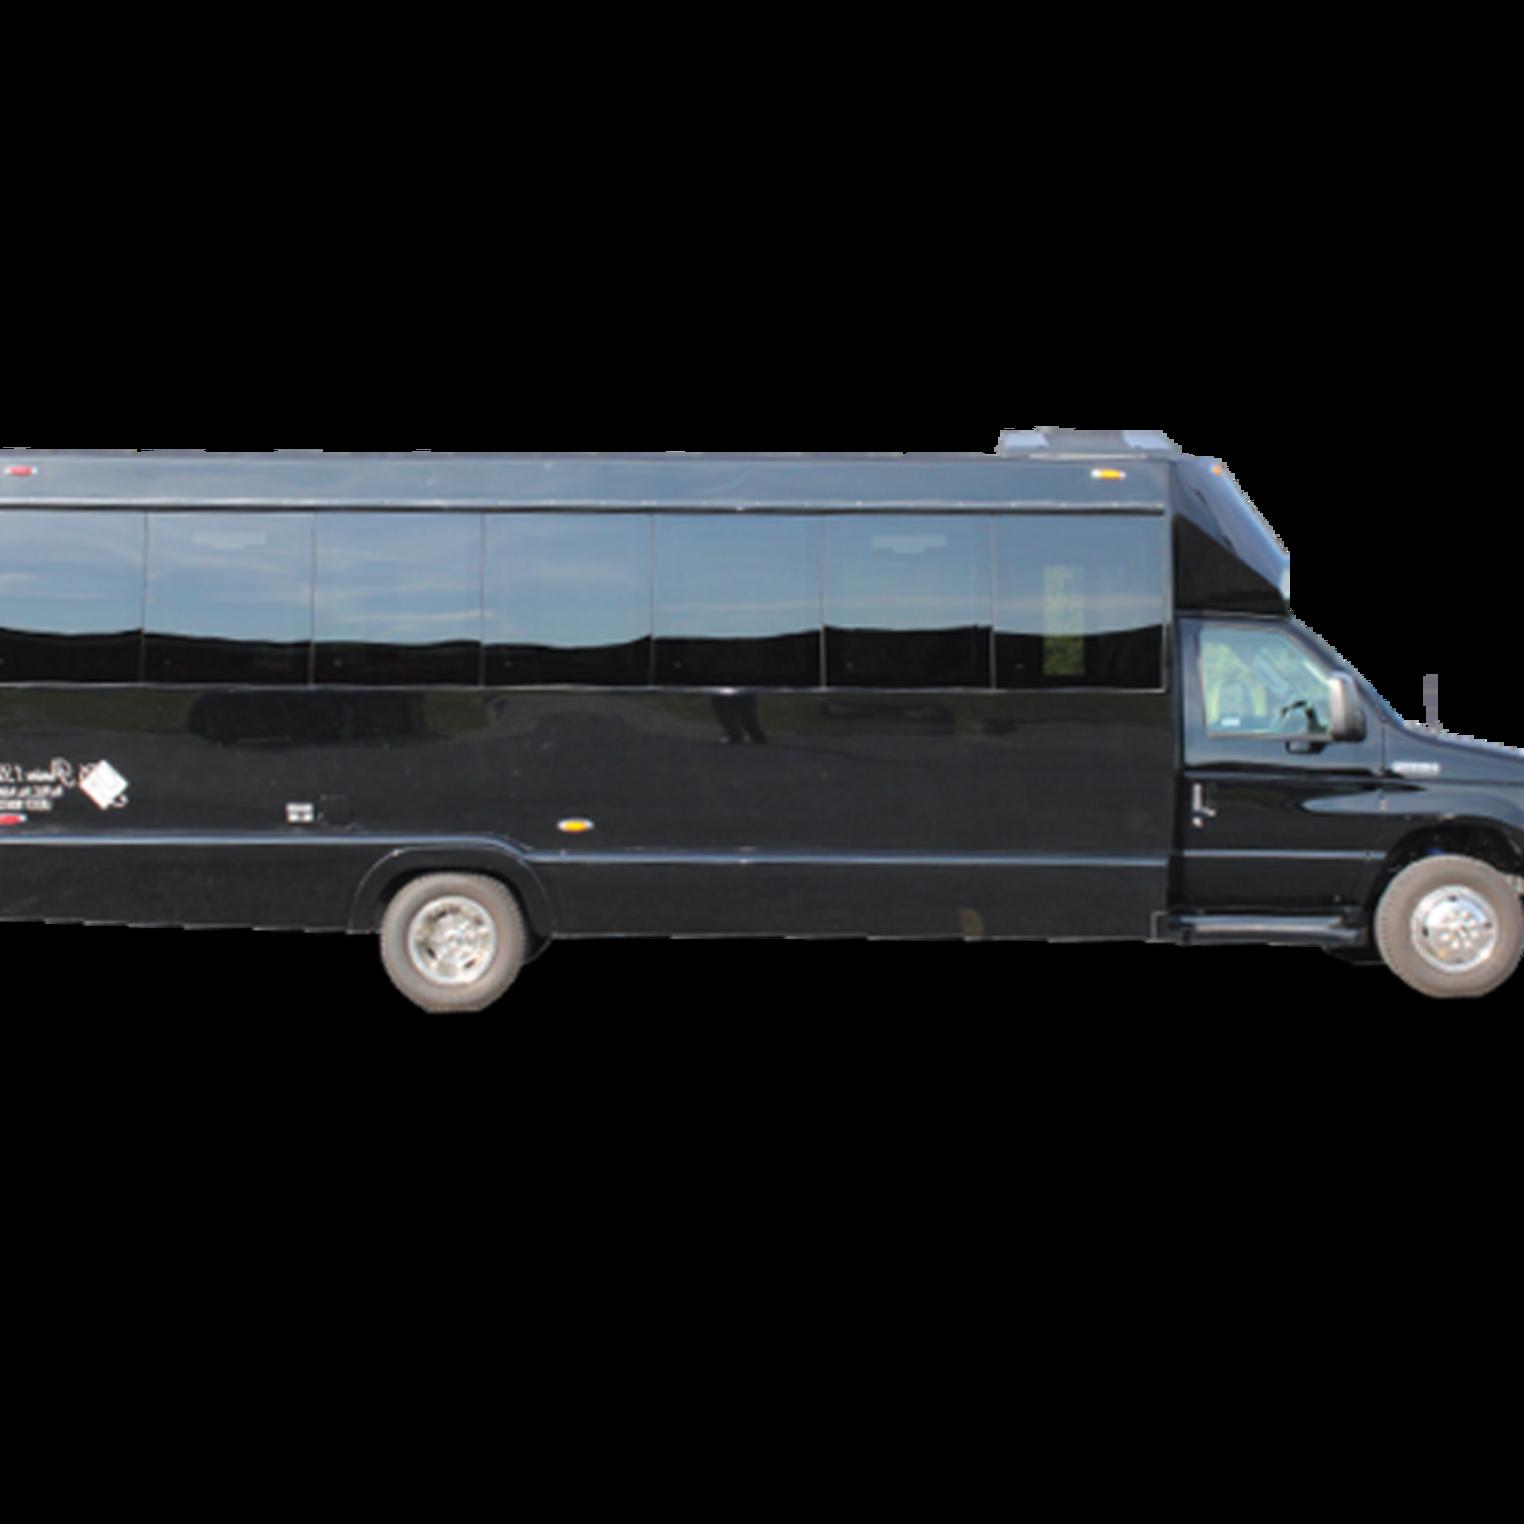 Premiere Limousine